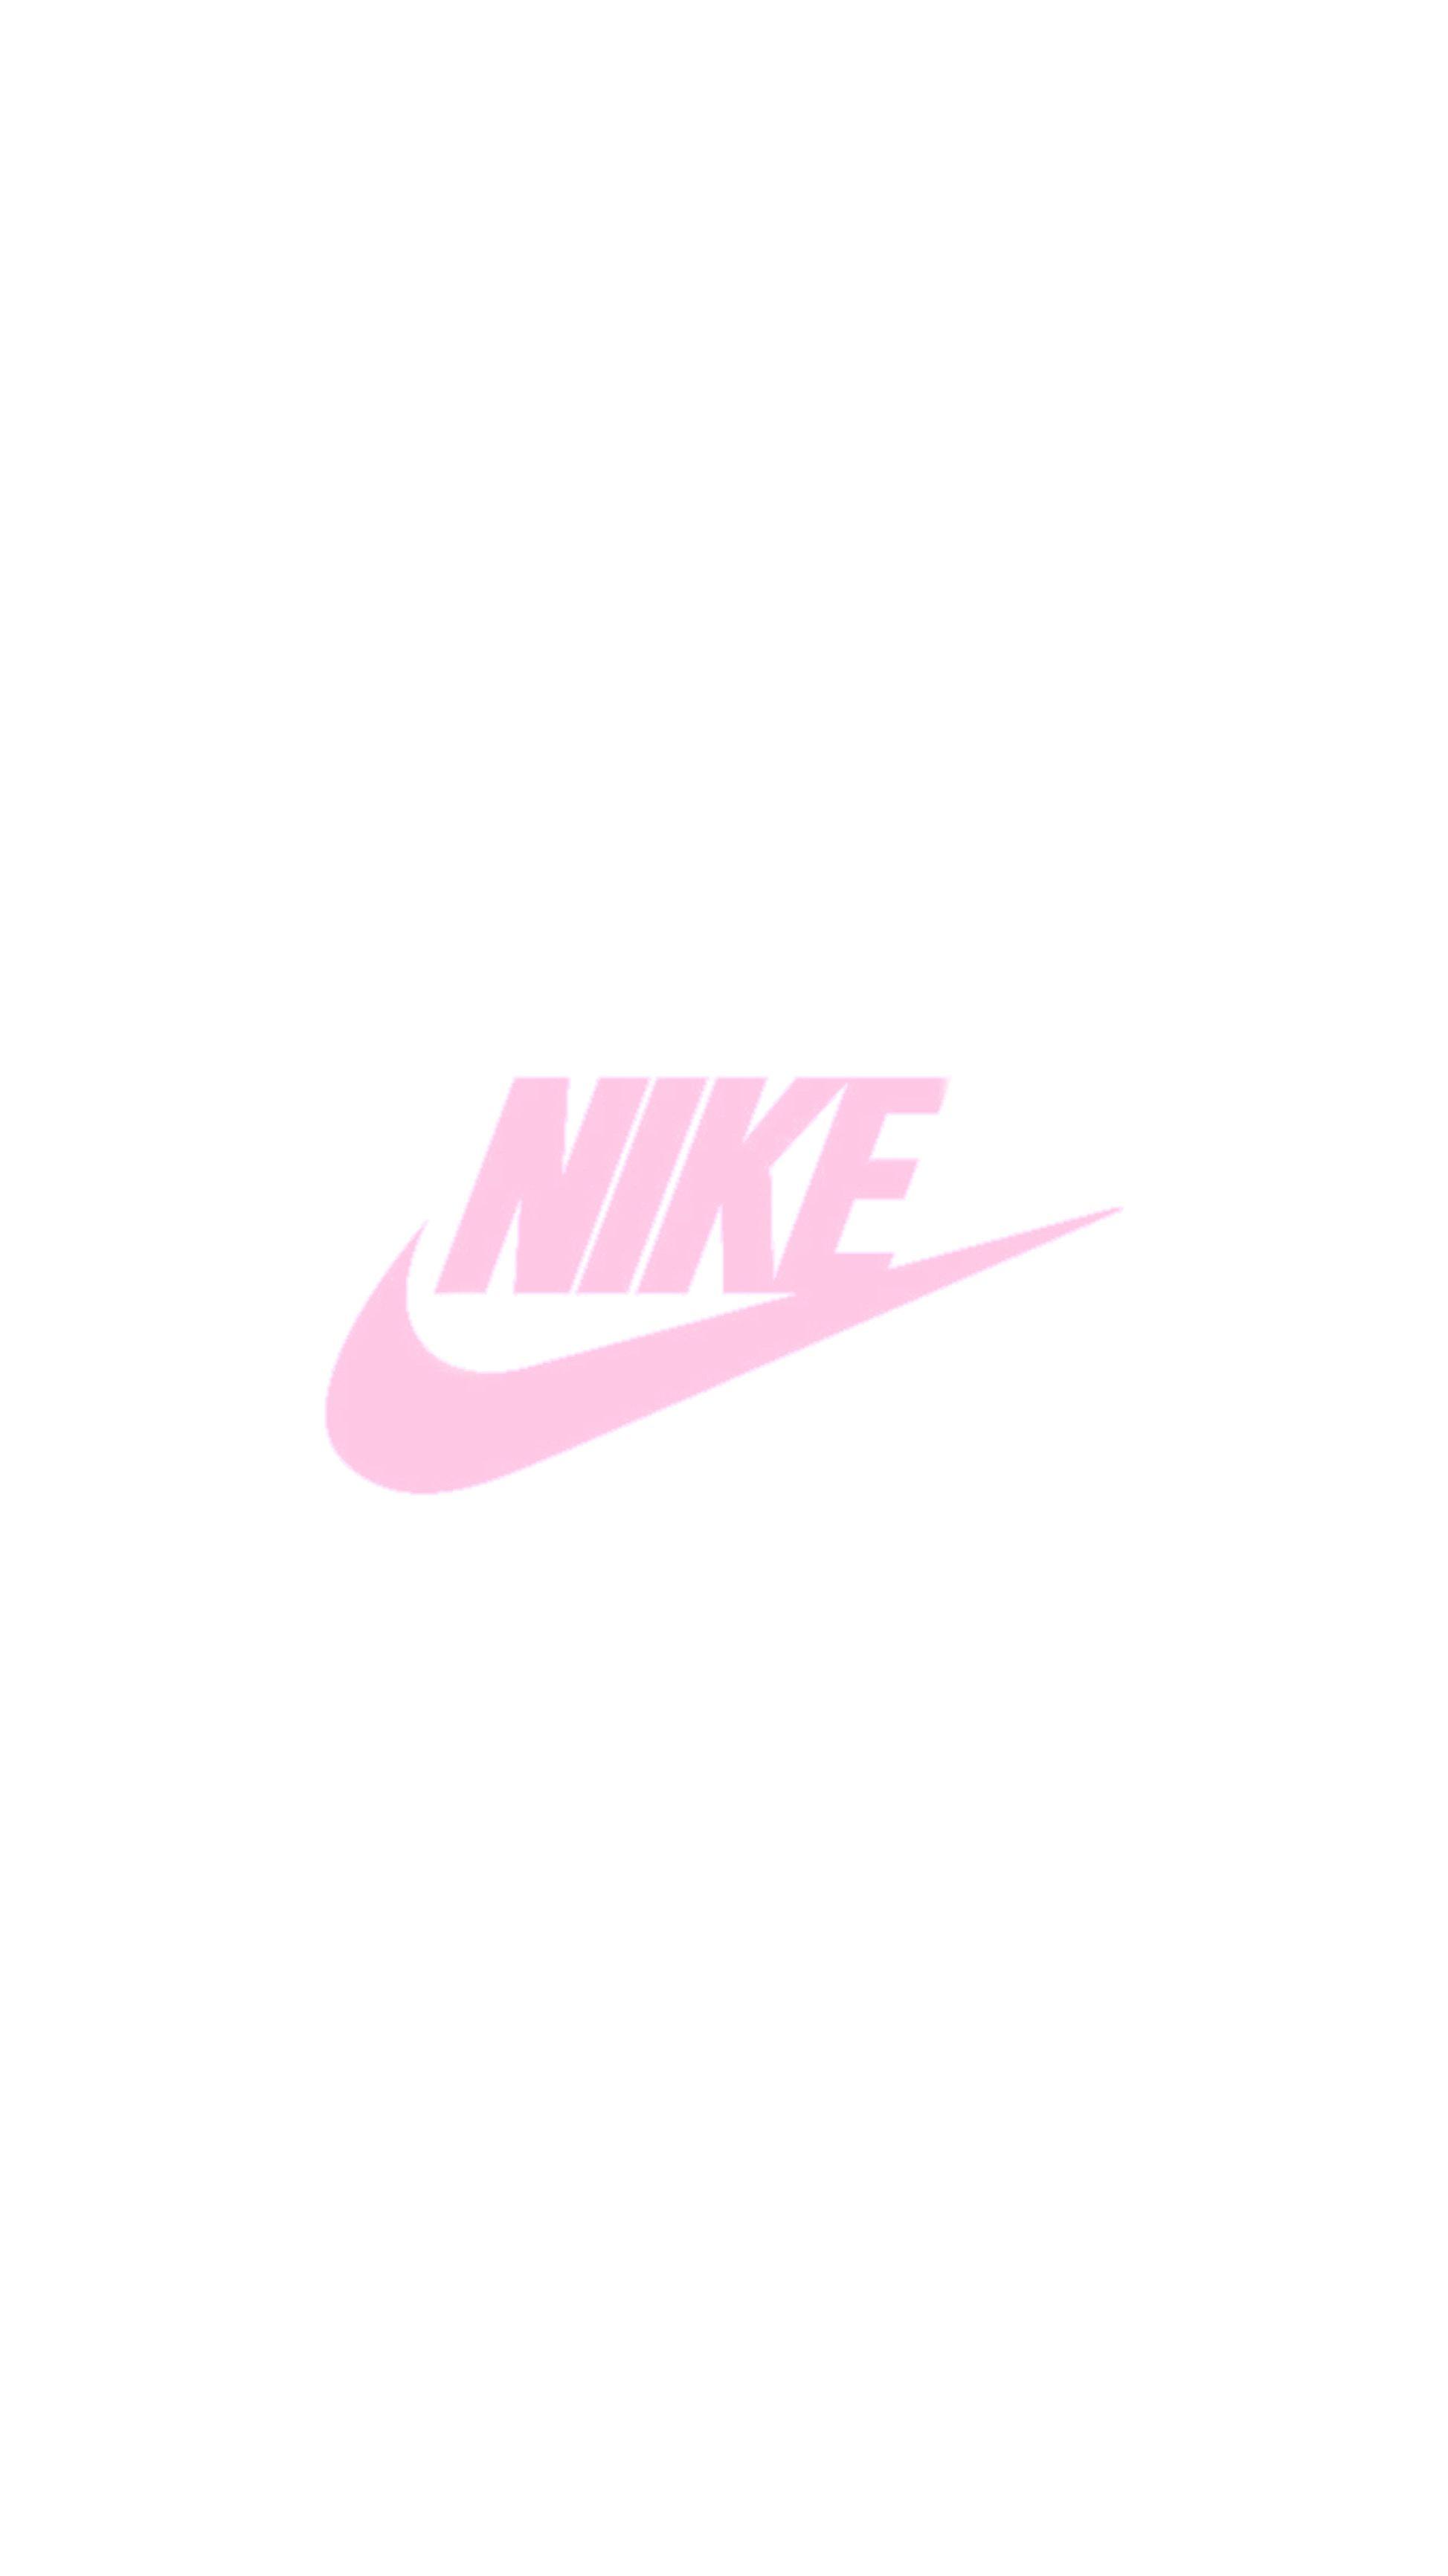 Nike Logo Pink Pink Wallpaper Iphone Edgy Wallpaper Nike Wallpaper